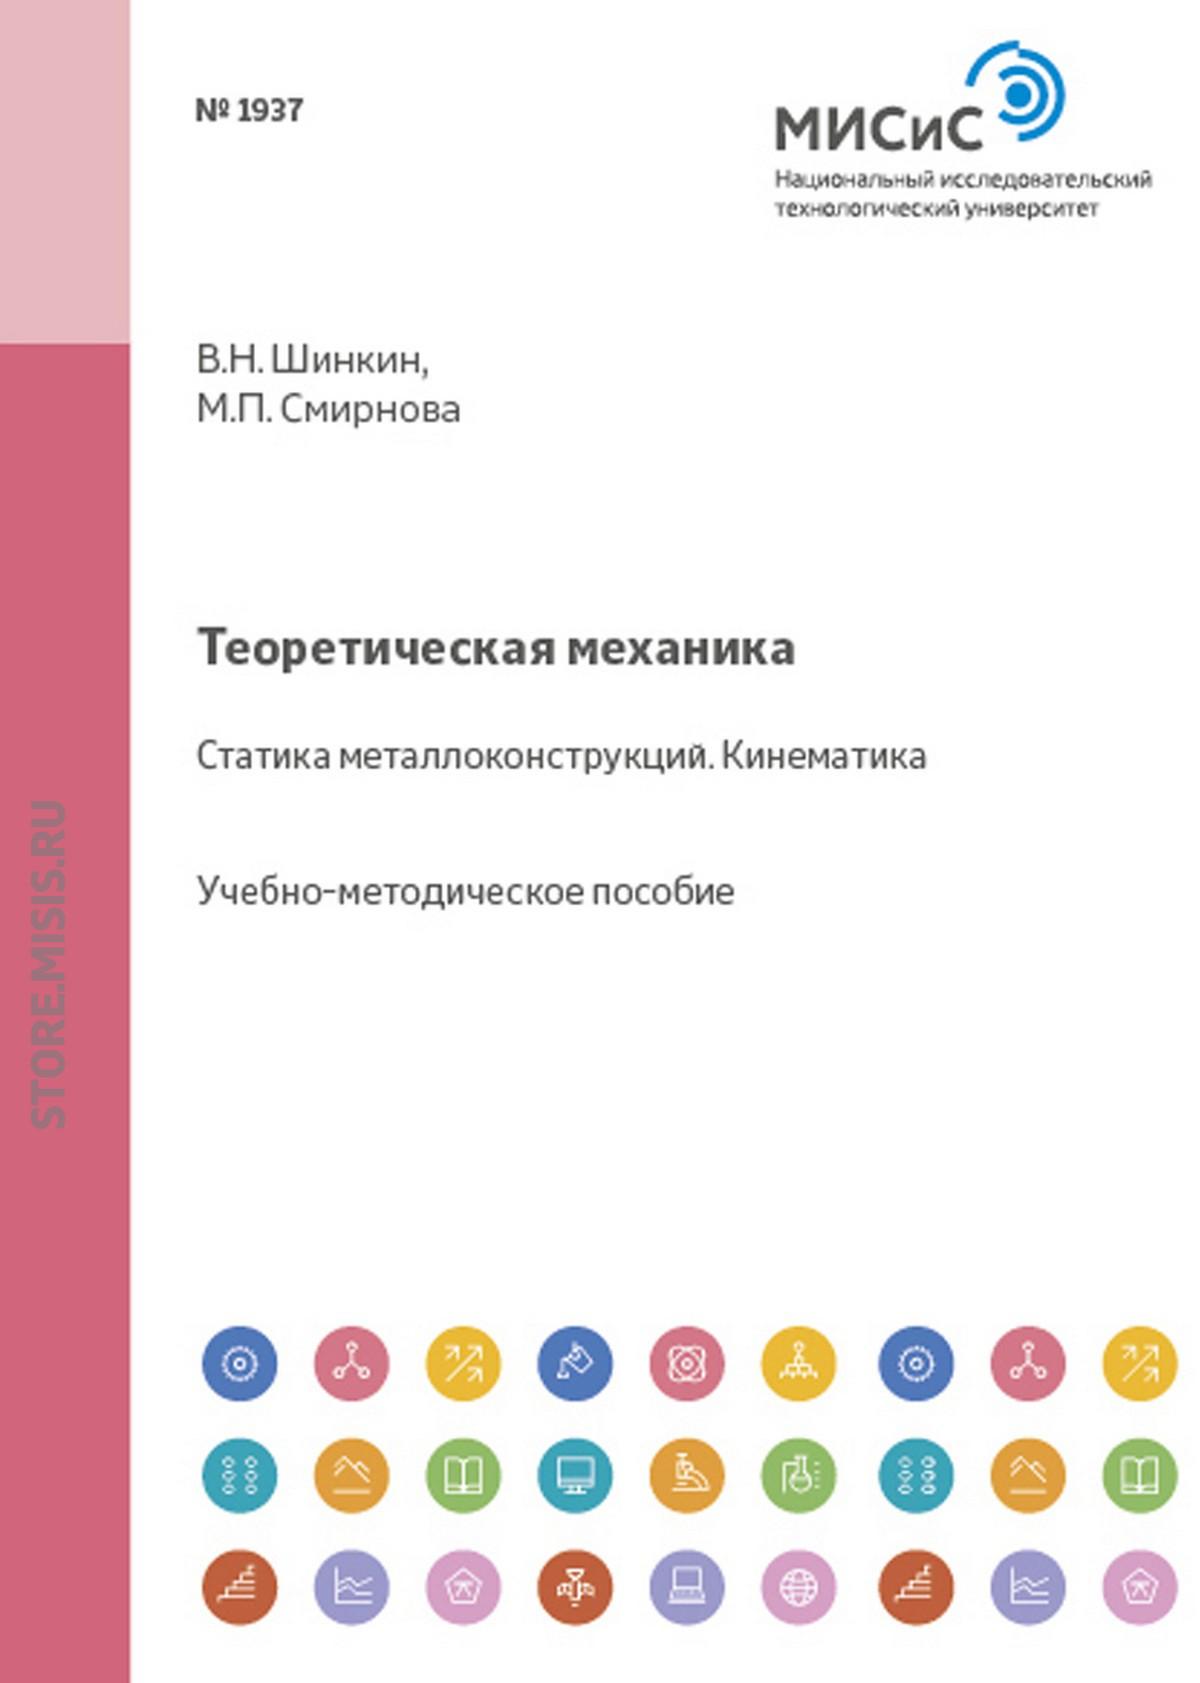 В. Н. Шинкин Теоретическая механика. Статика металлоконструкций. Кинематика